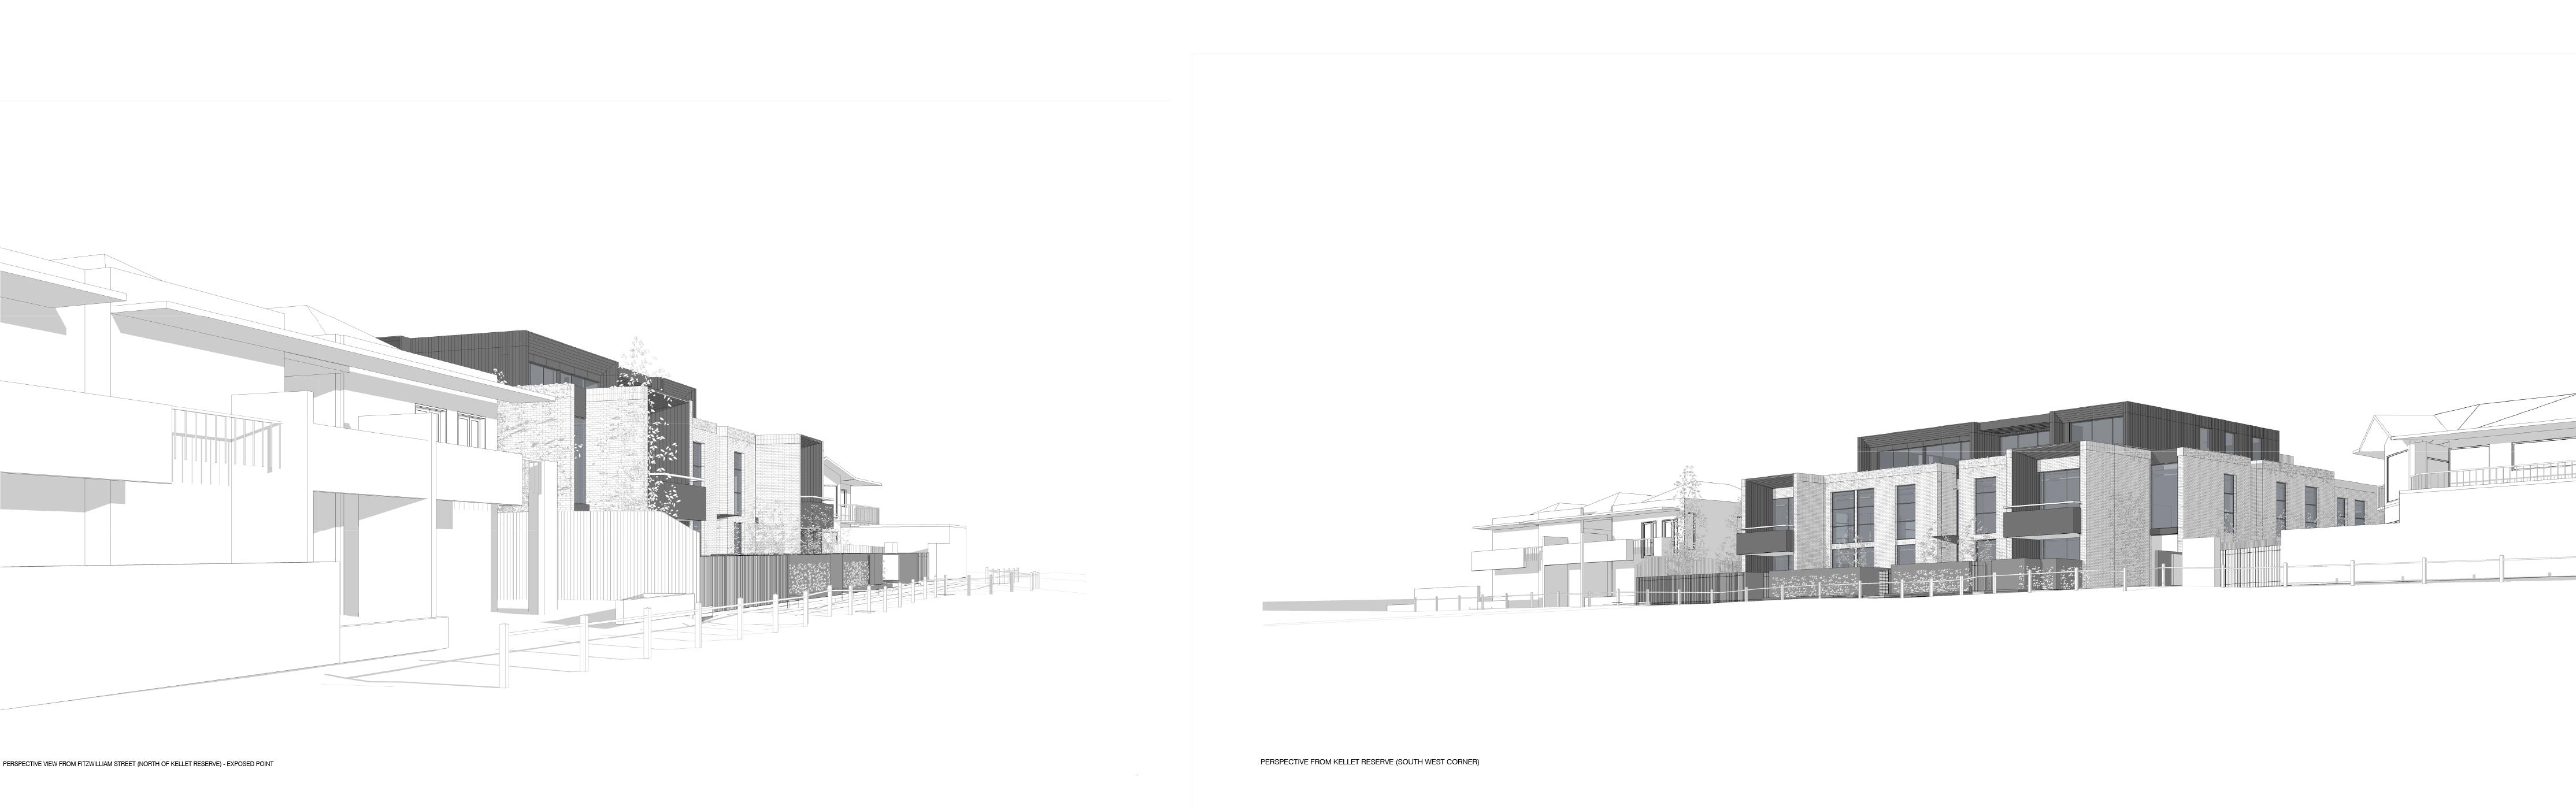 Park Lane project image